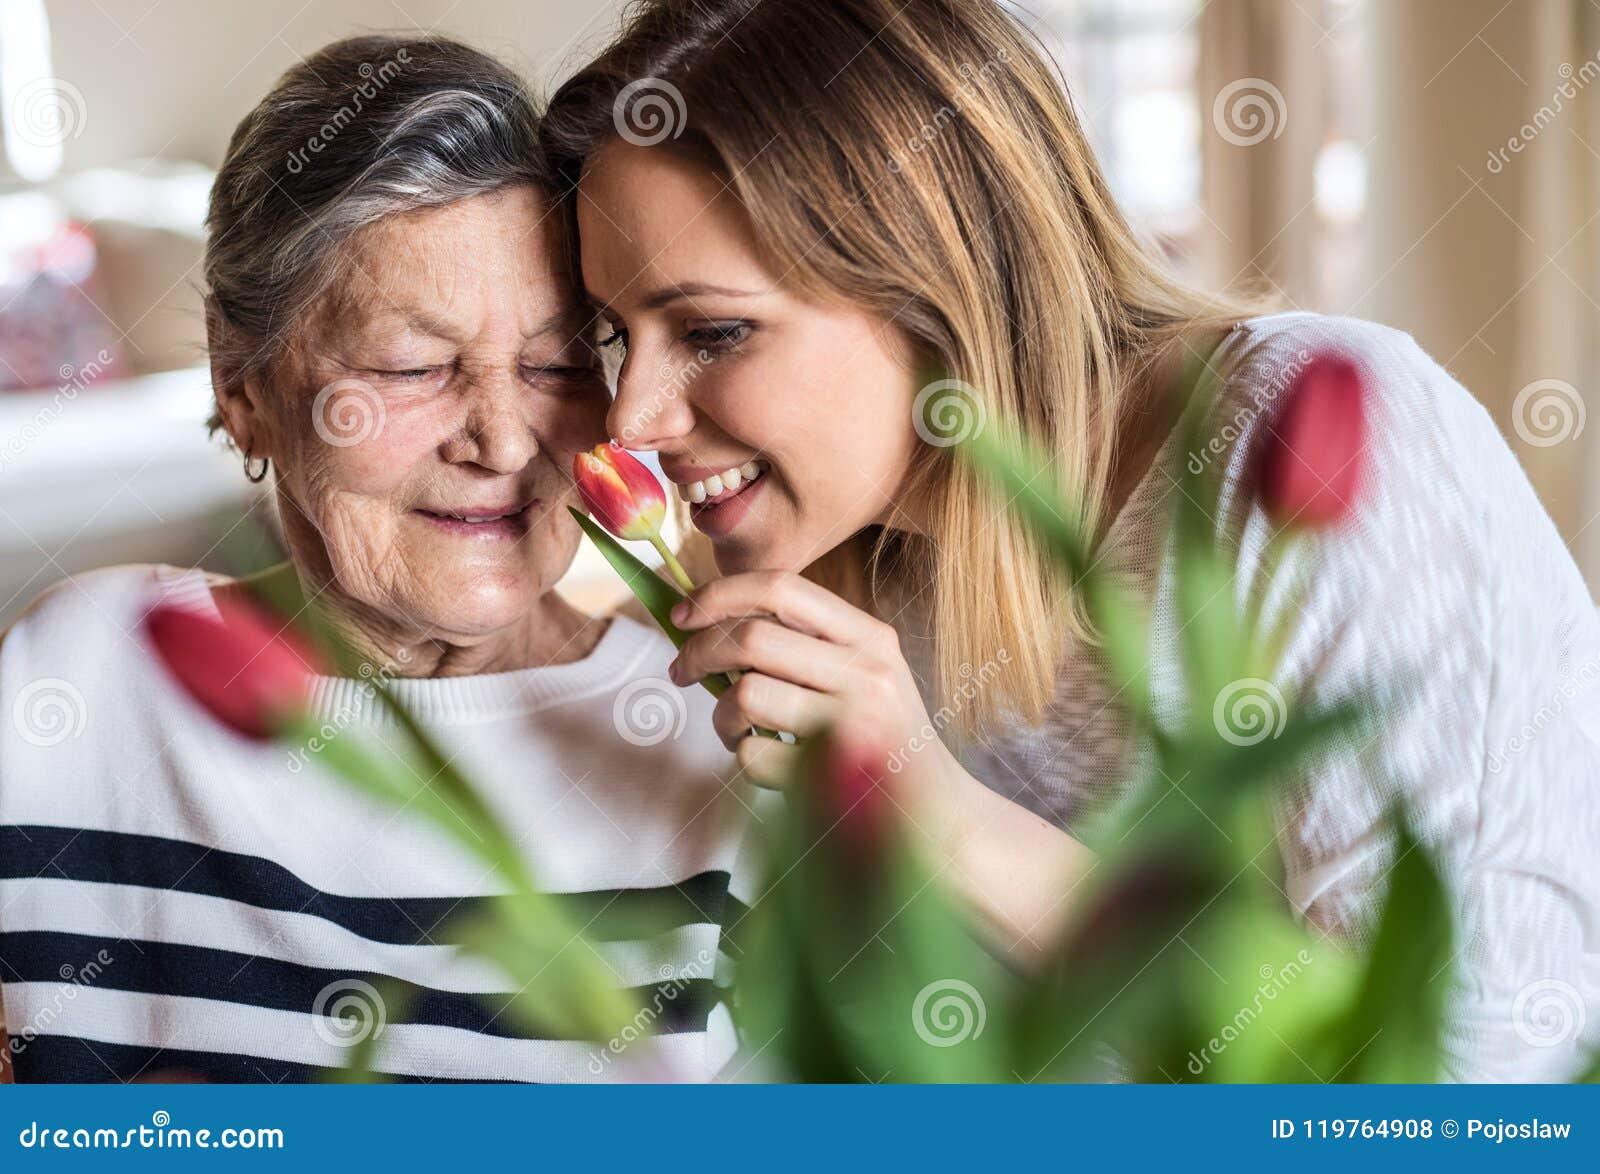 Μια ηλικιωμένη γιαγιά με μια ενήλικη εγγονή στο σπίτι, μυρωδιά ανθίζει